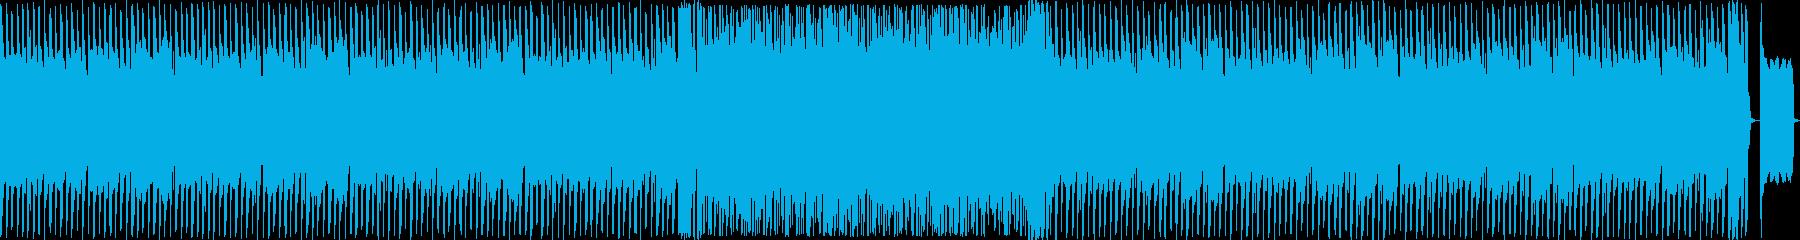 (8bit風、レトロ風)夜行列車の再生済みの波形